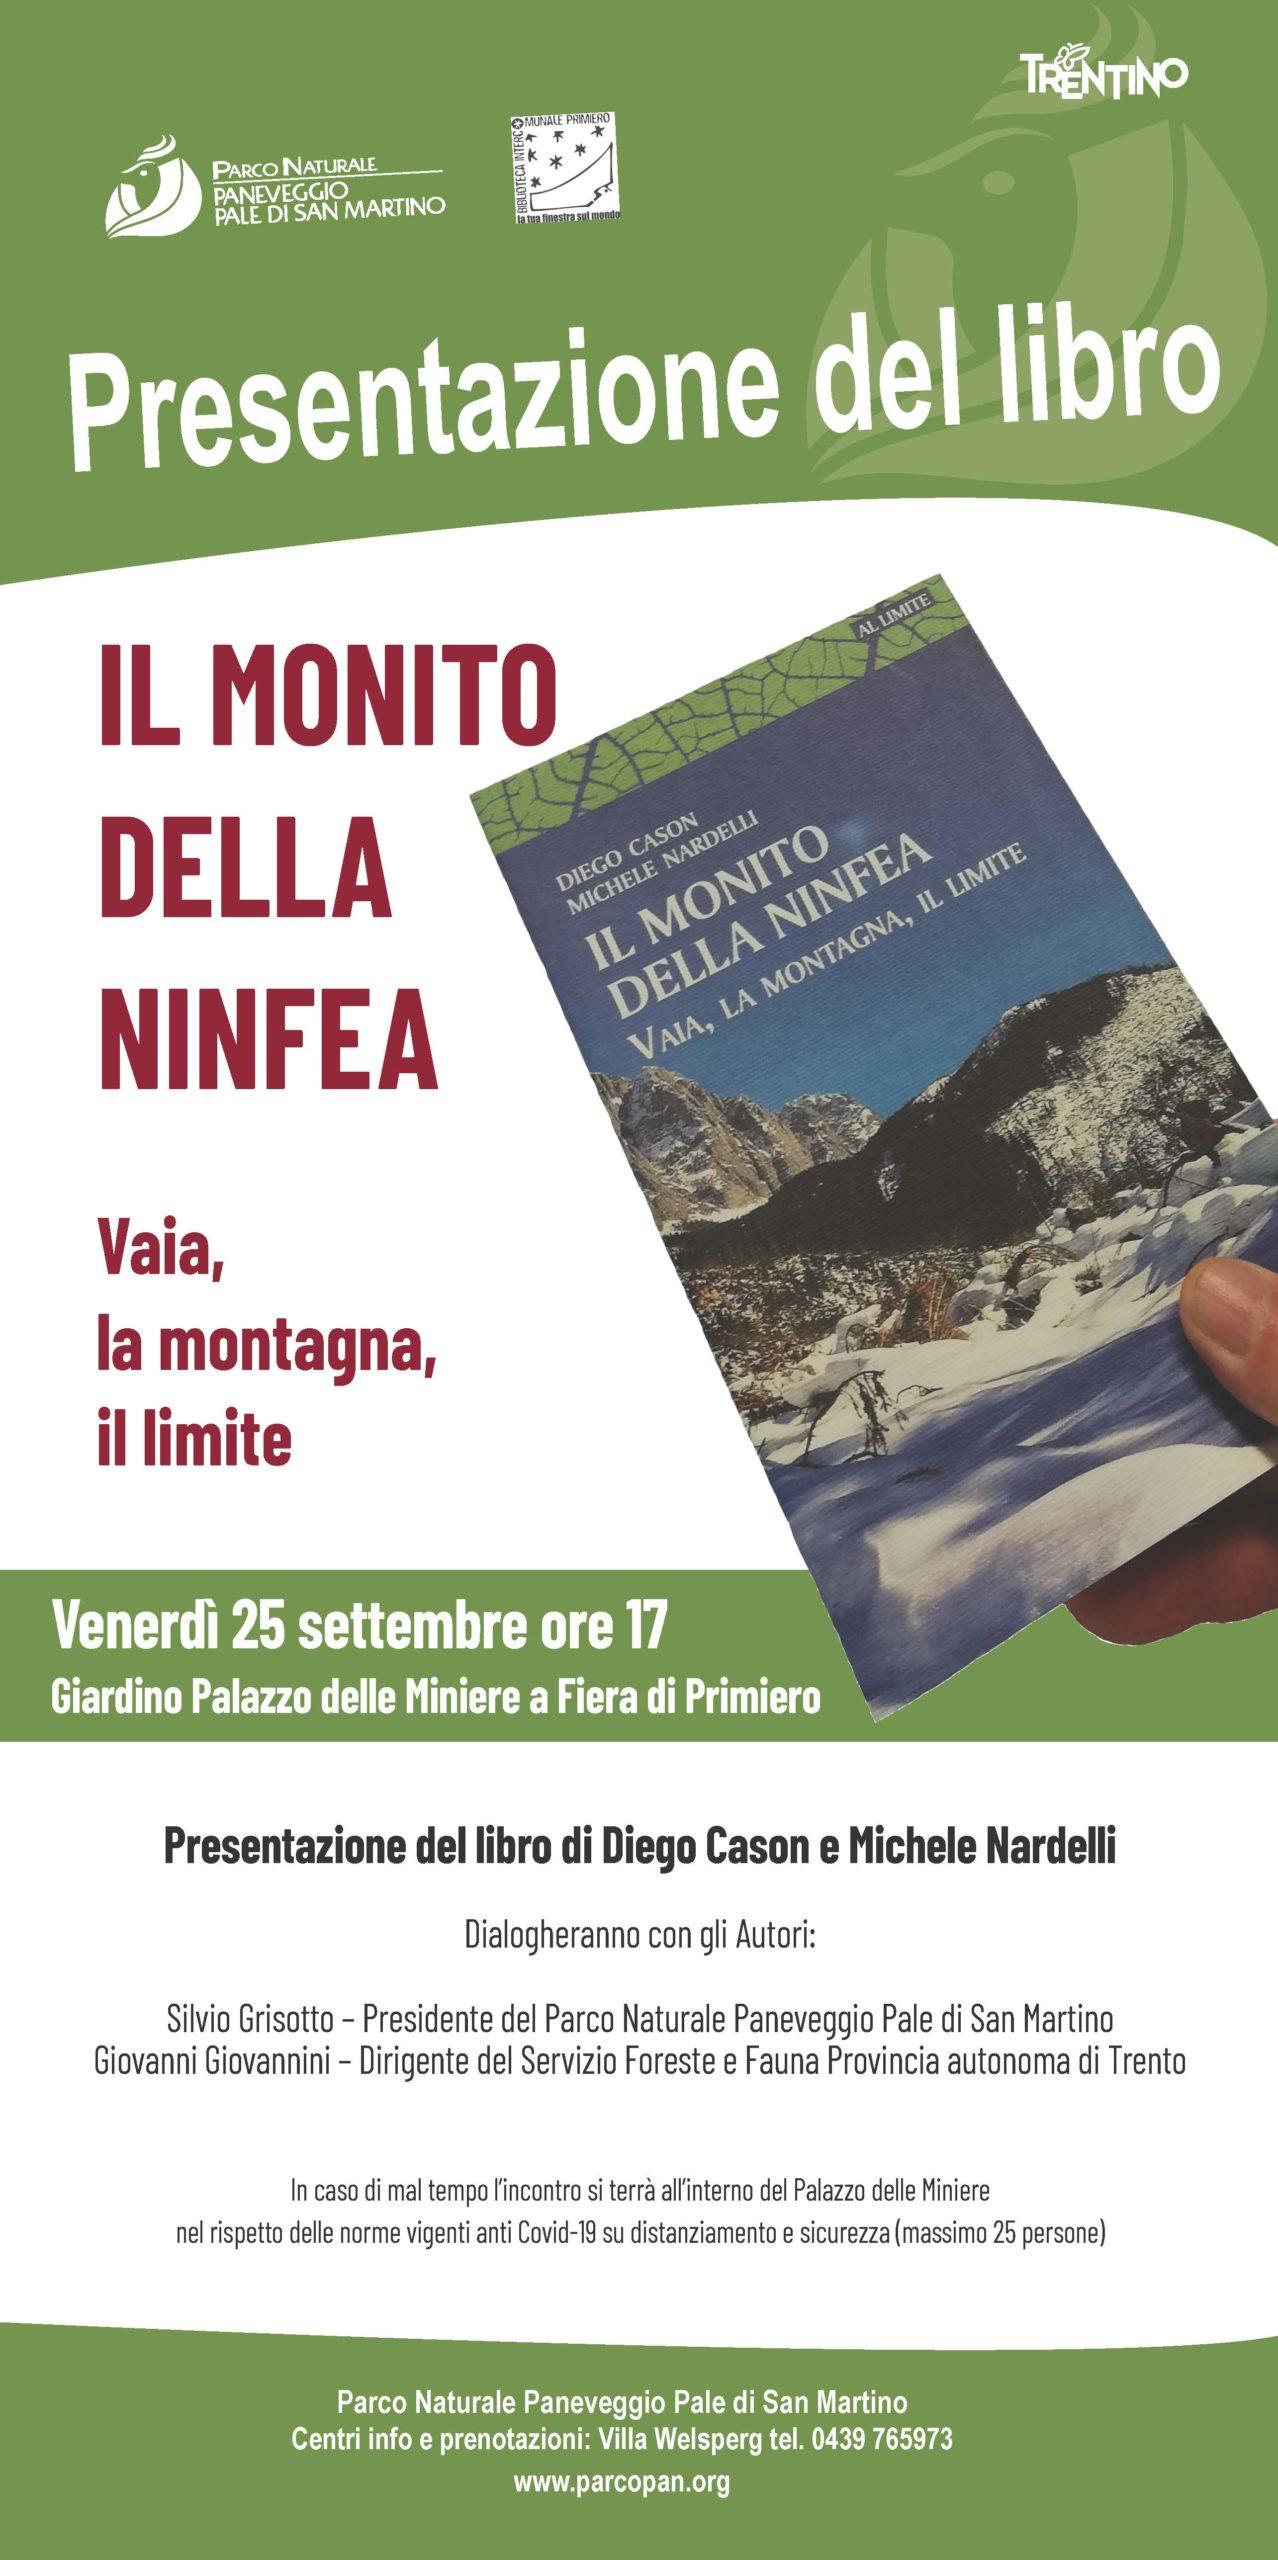 Locandina presentazione IL MONITO DELLA NINFEA settembre 2020